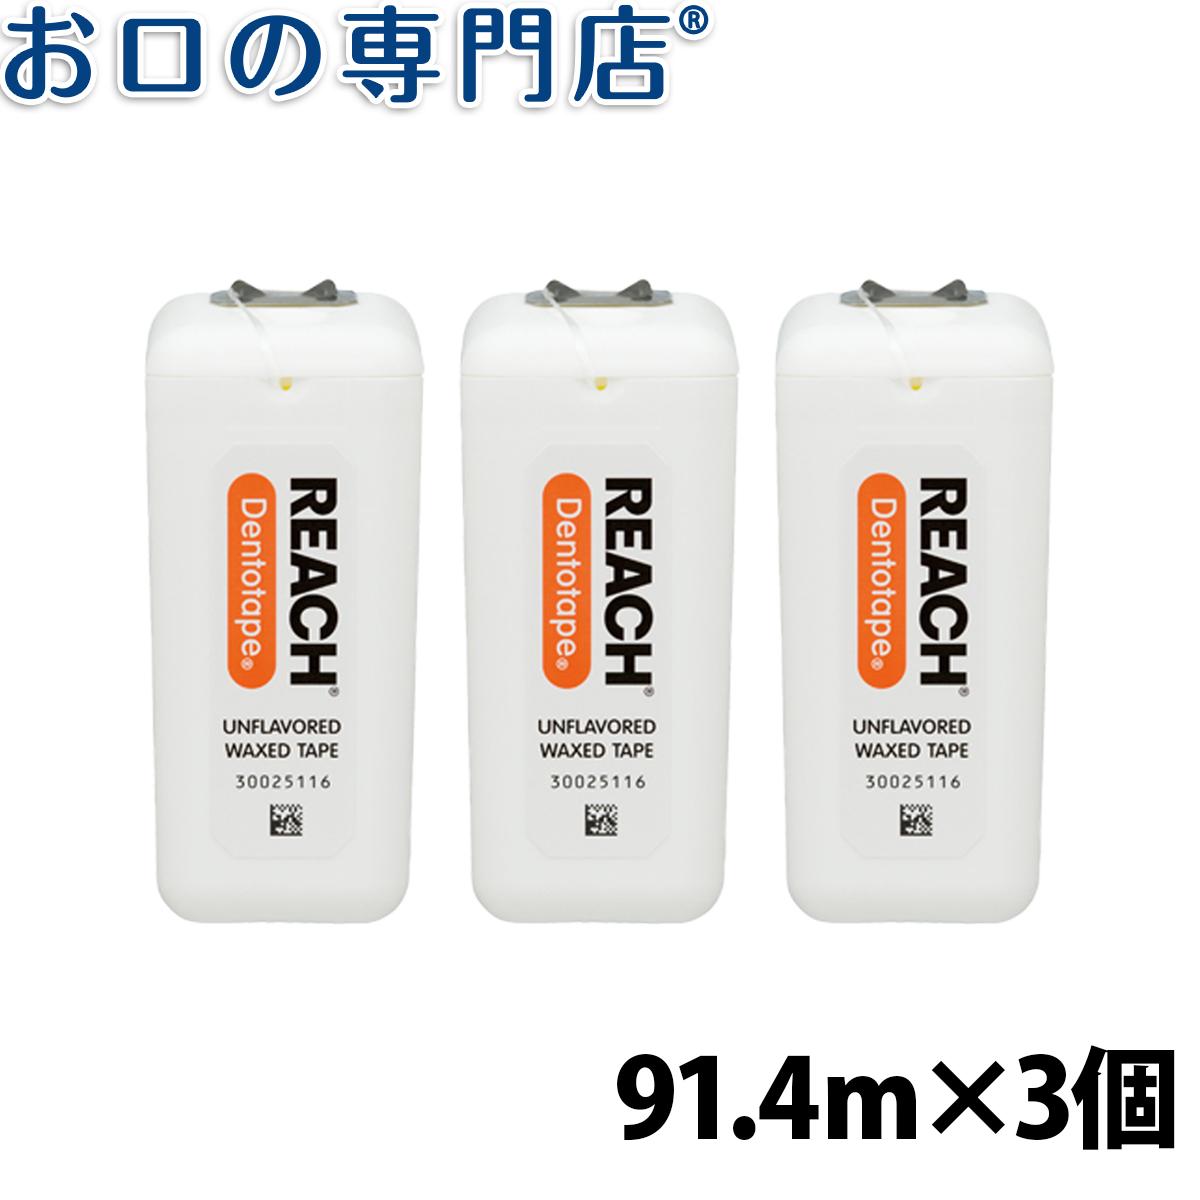 【あす楽 送料無料】 REACH(リーチ)デントテープ ワックスつき 91.4m(100ヤード)3個セット 歯科専売品